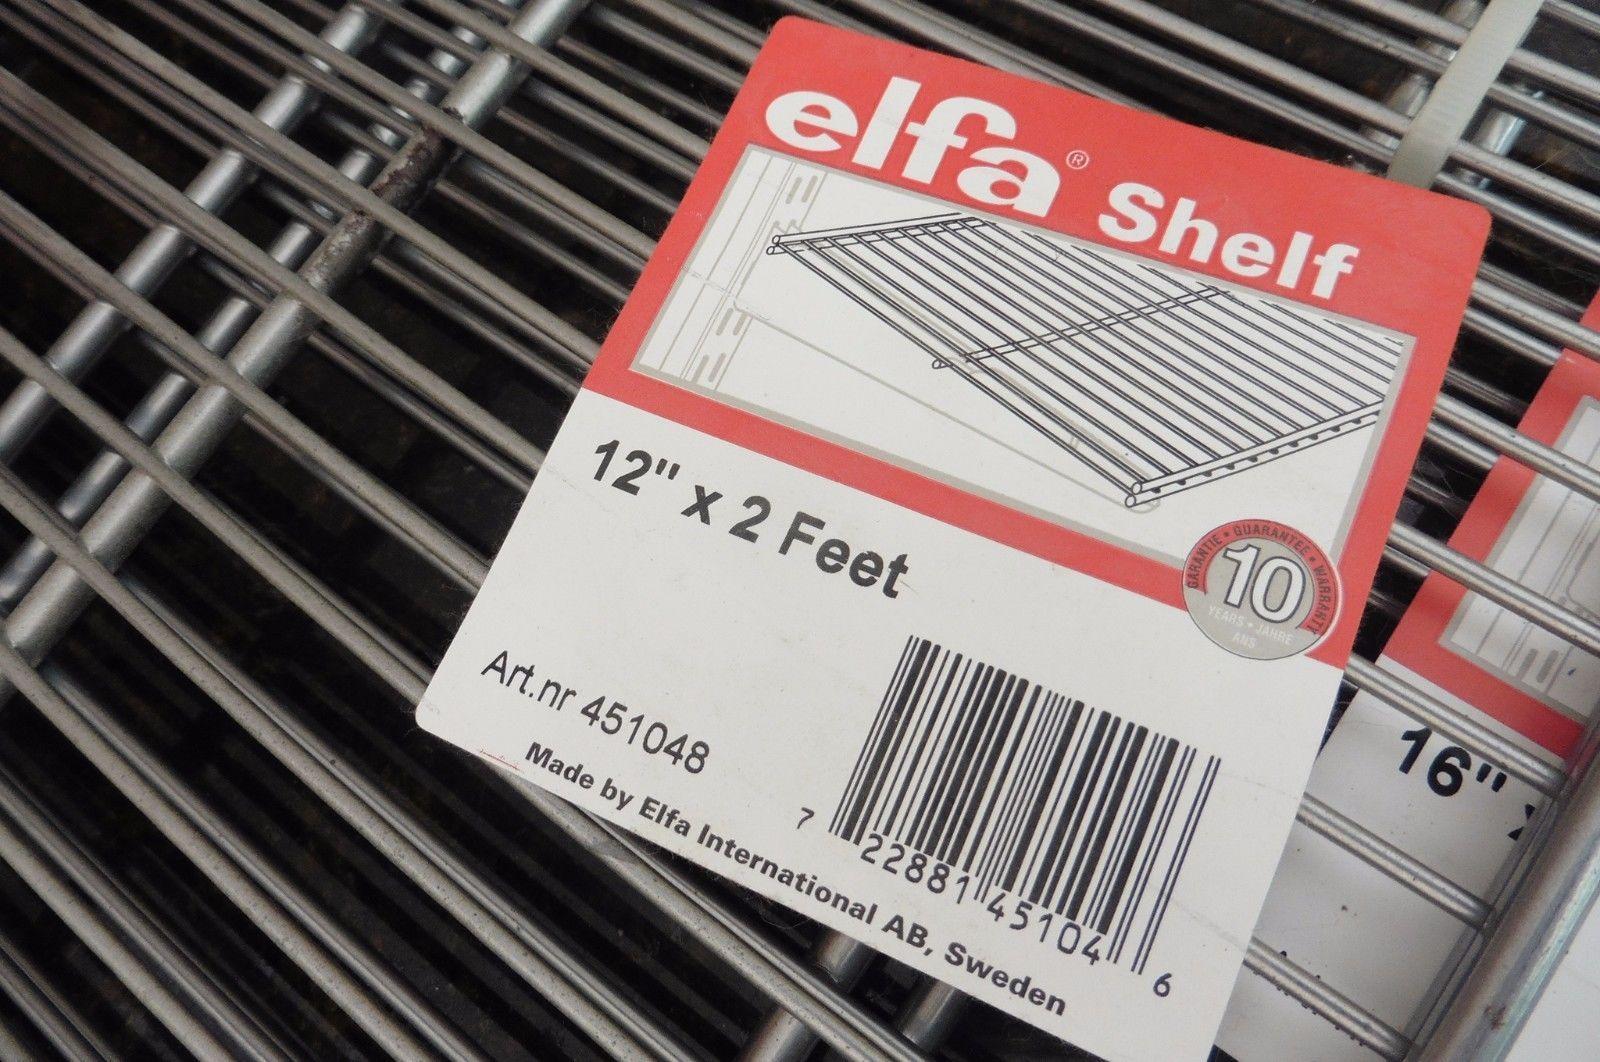 Lot Of 3 Elfa Shelf Custom Shelving Closet And Similar Items